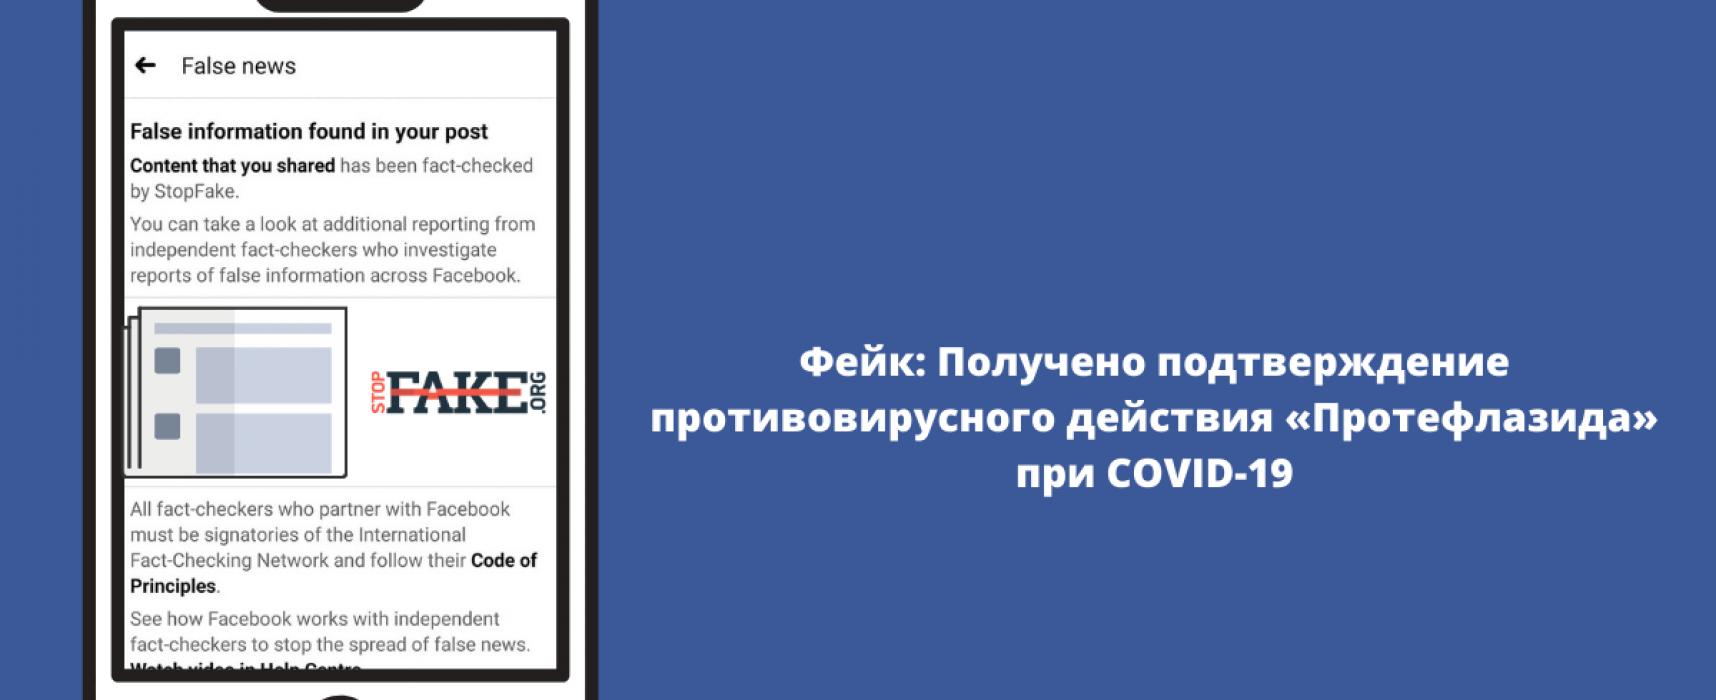 Фейк: Получено подтверждение противовирусного действия «Протефлазида» при COVID-19 (обновлено)